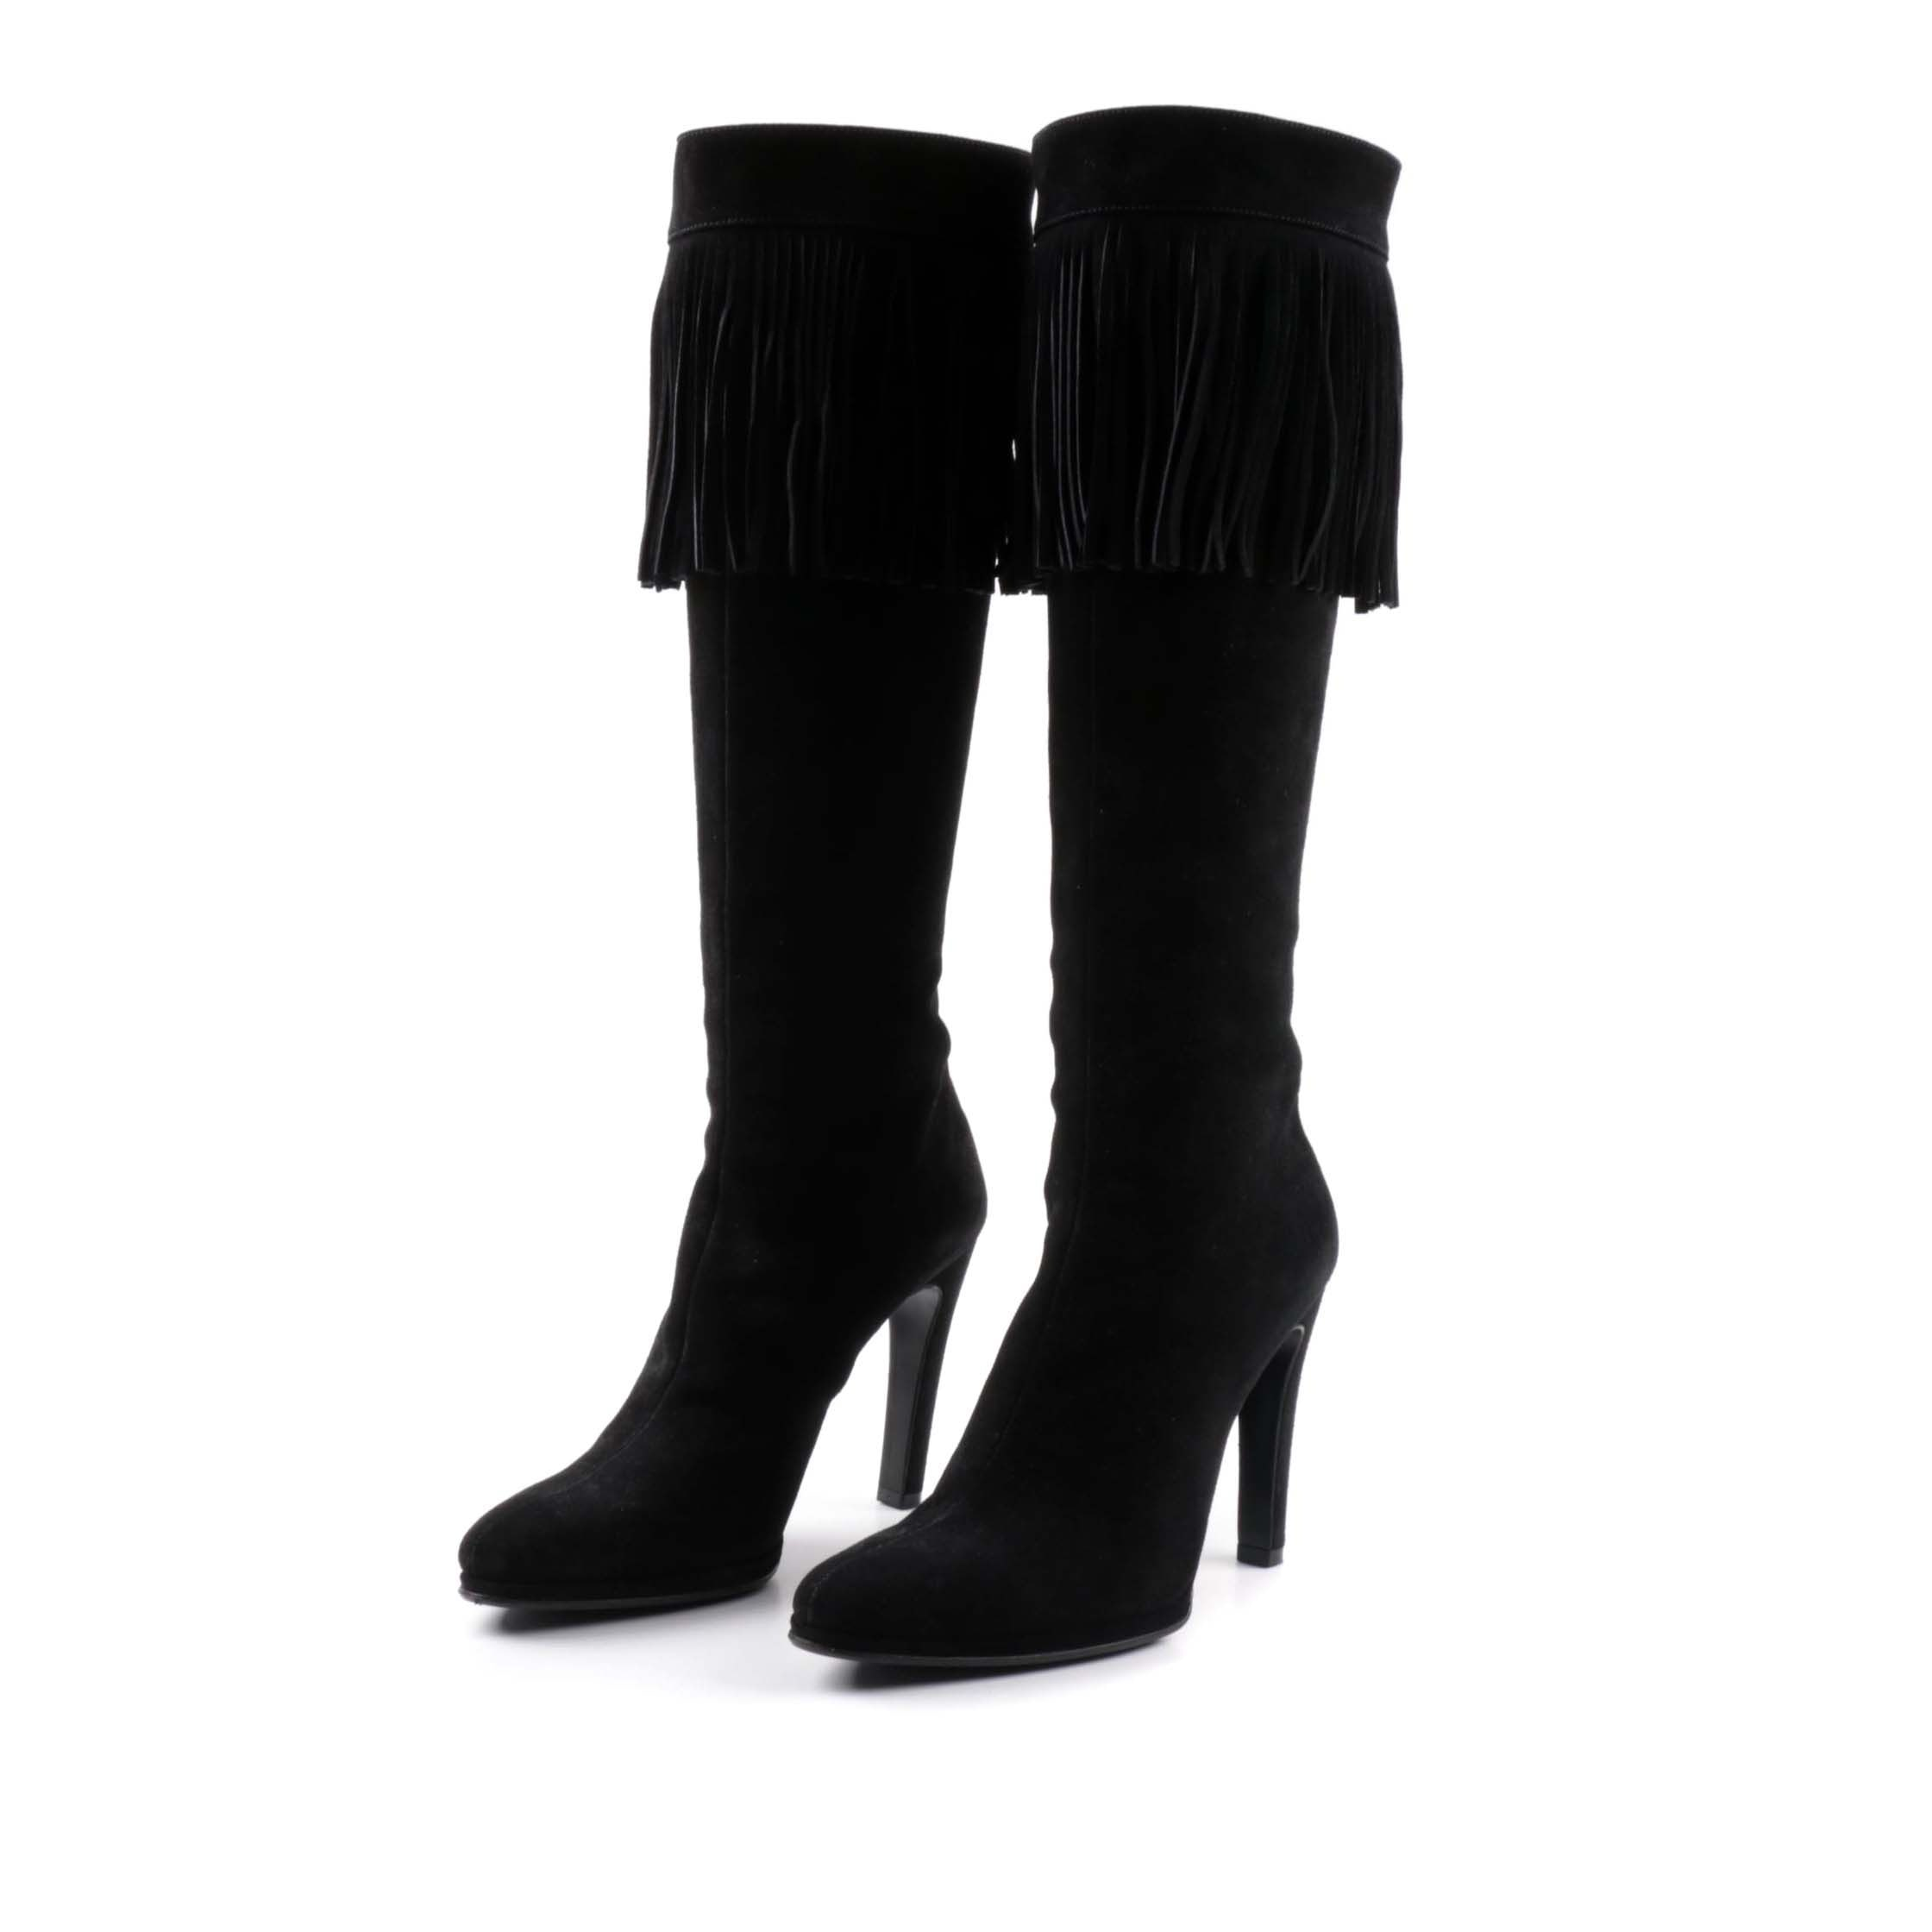 Helmut Lang Black Suede Knee-High Fringe Boots